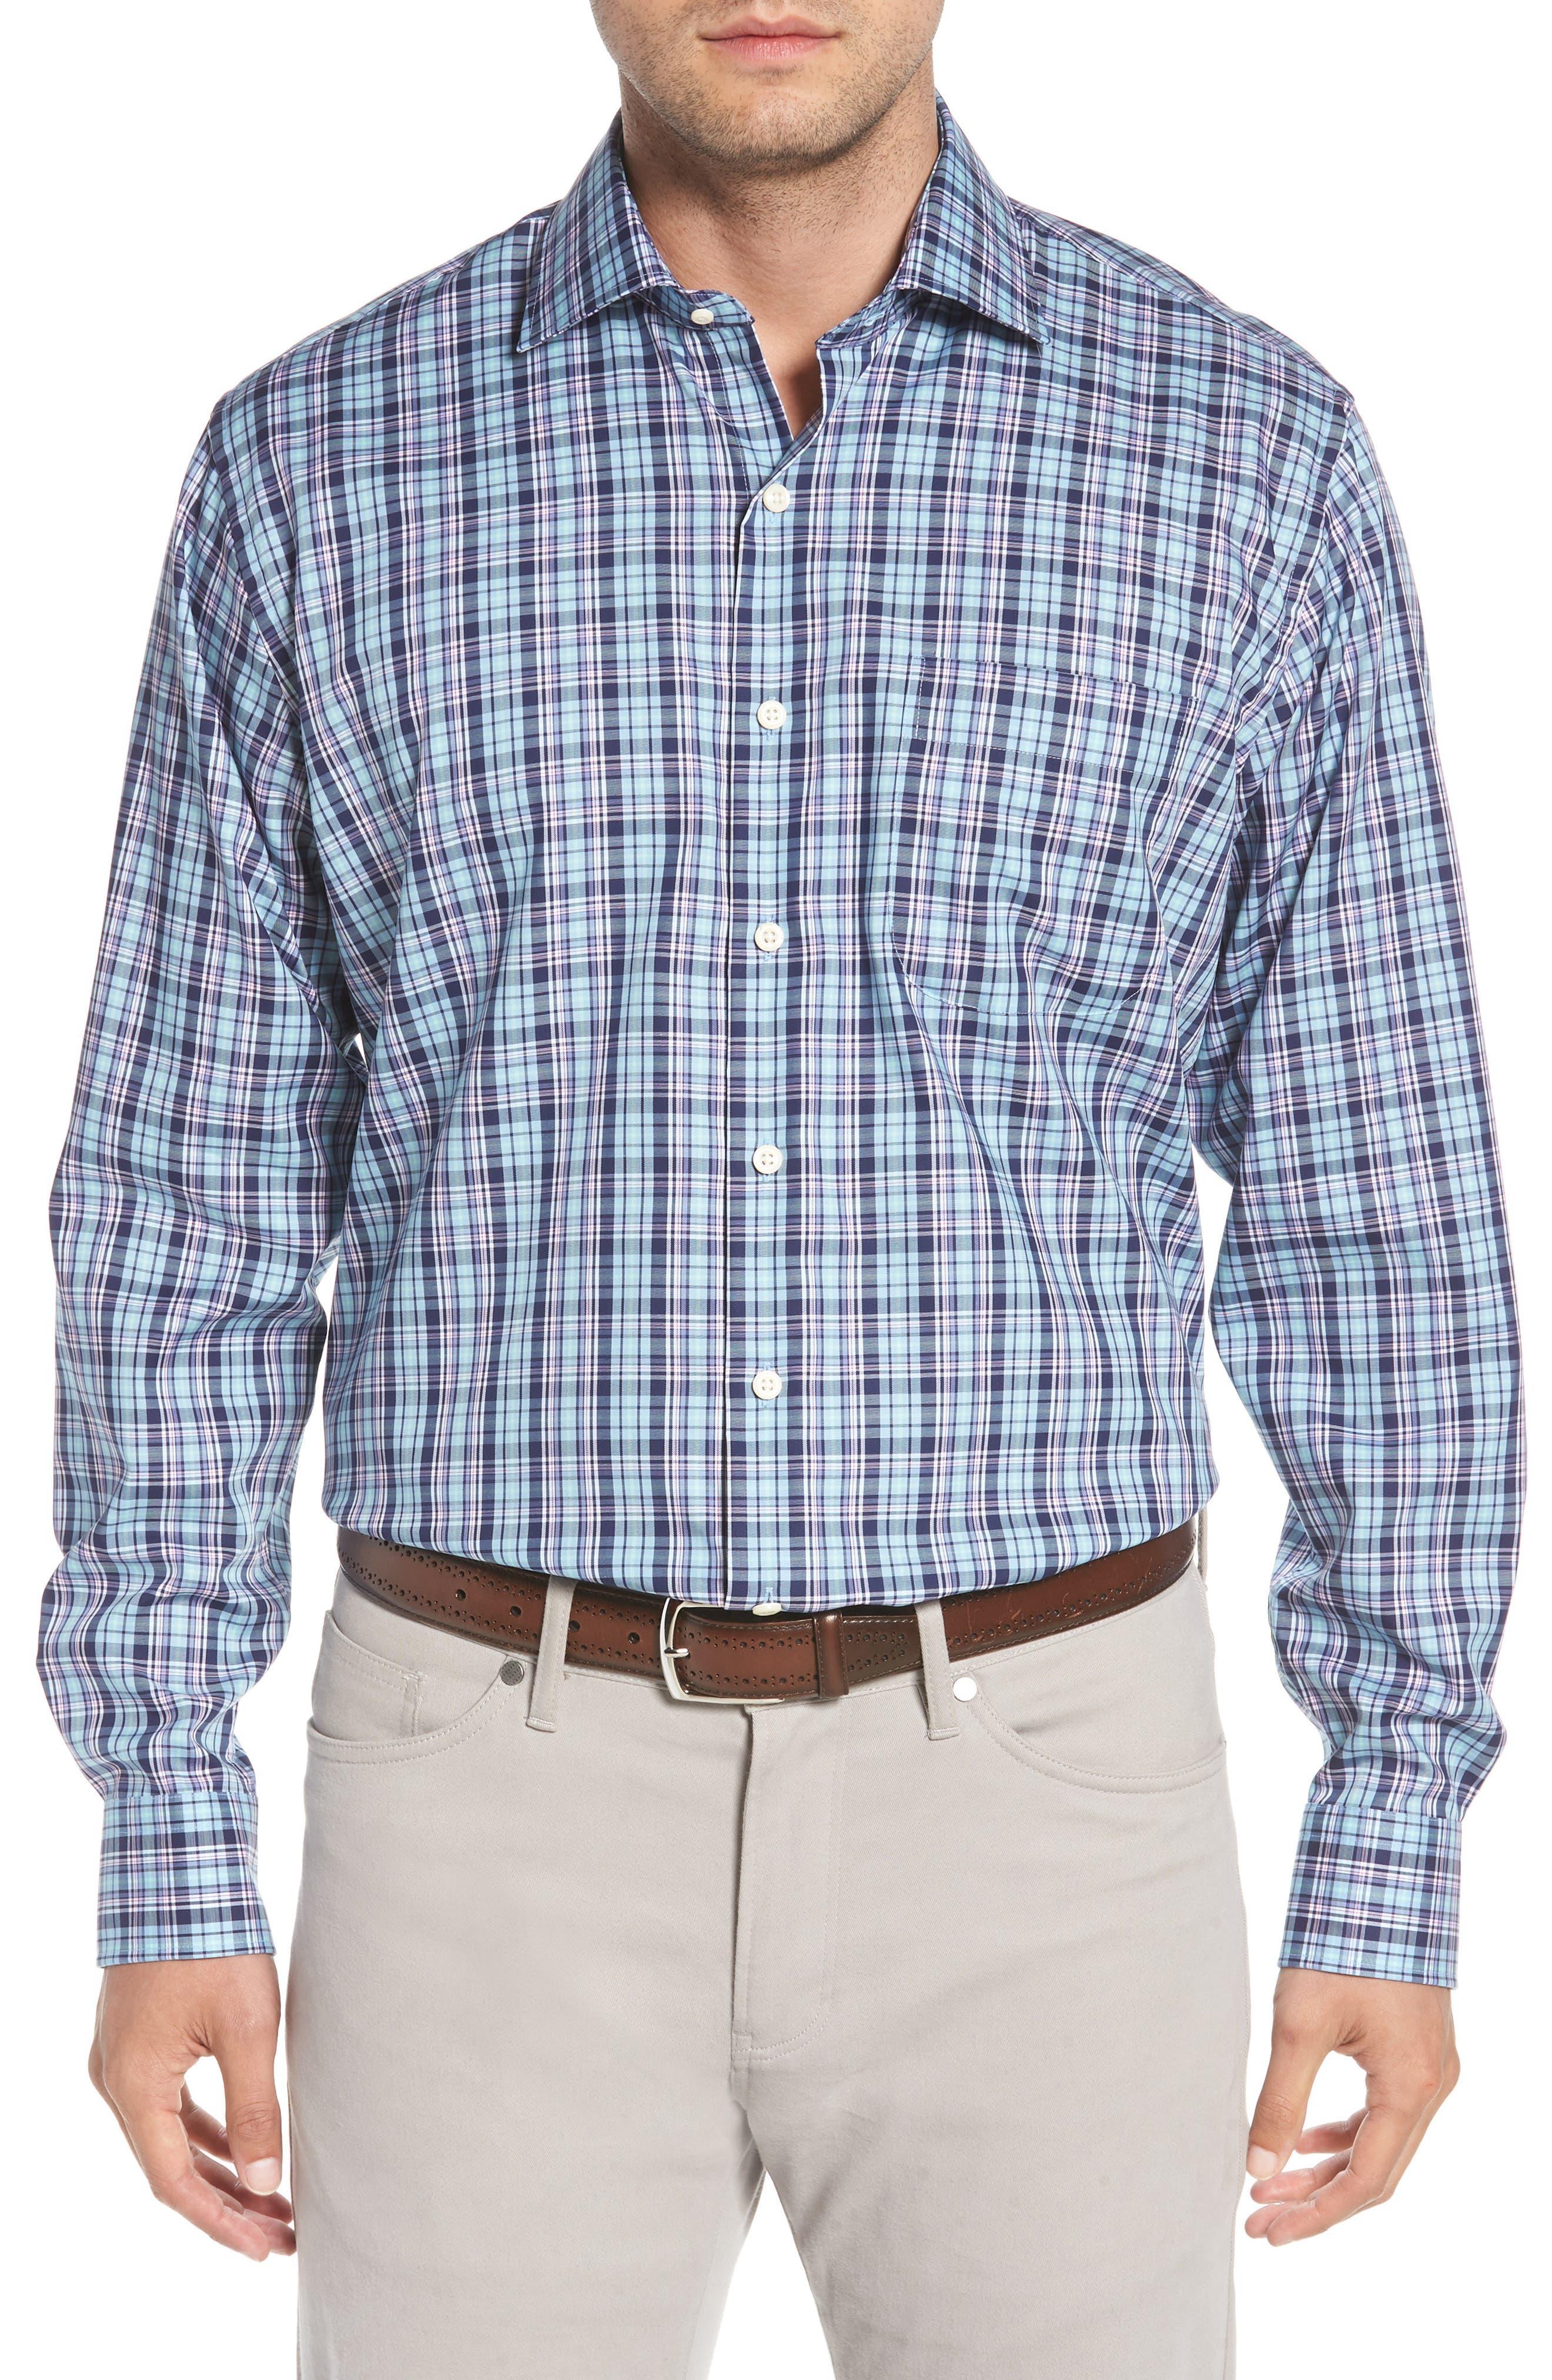 Crown Ease Laguna Plaid Sport Shirt,                         Main,                         color, Tar Heel Blue